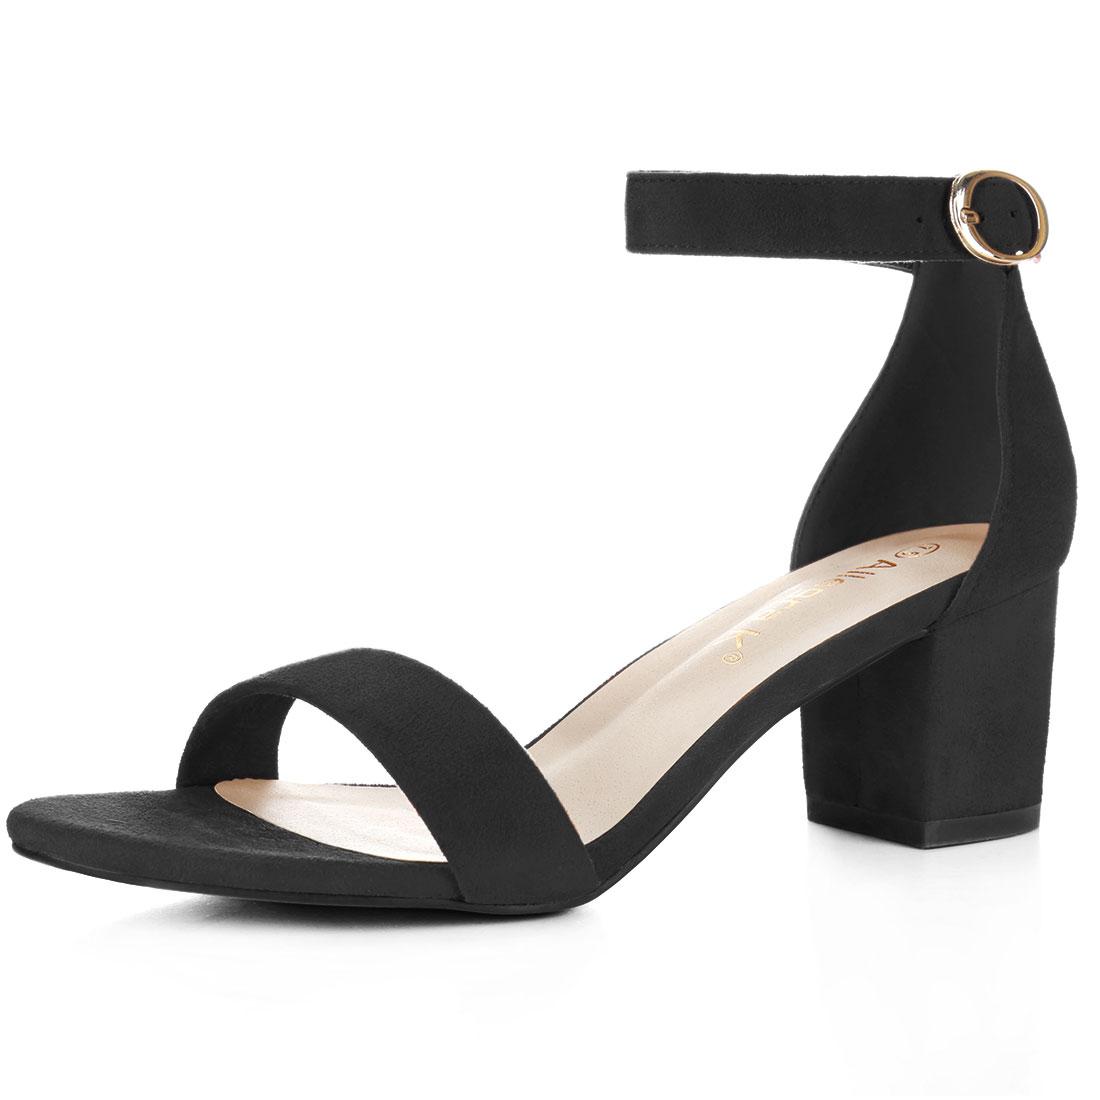 Women Open Toe Mid Block Heel Ankle Strap Sandals Black US 4.5